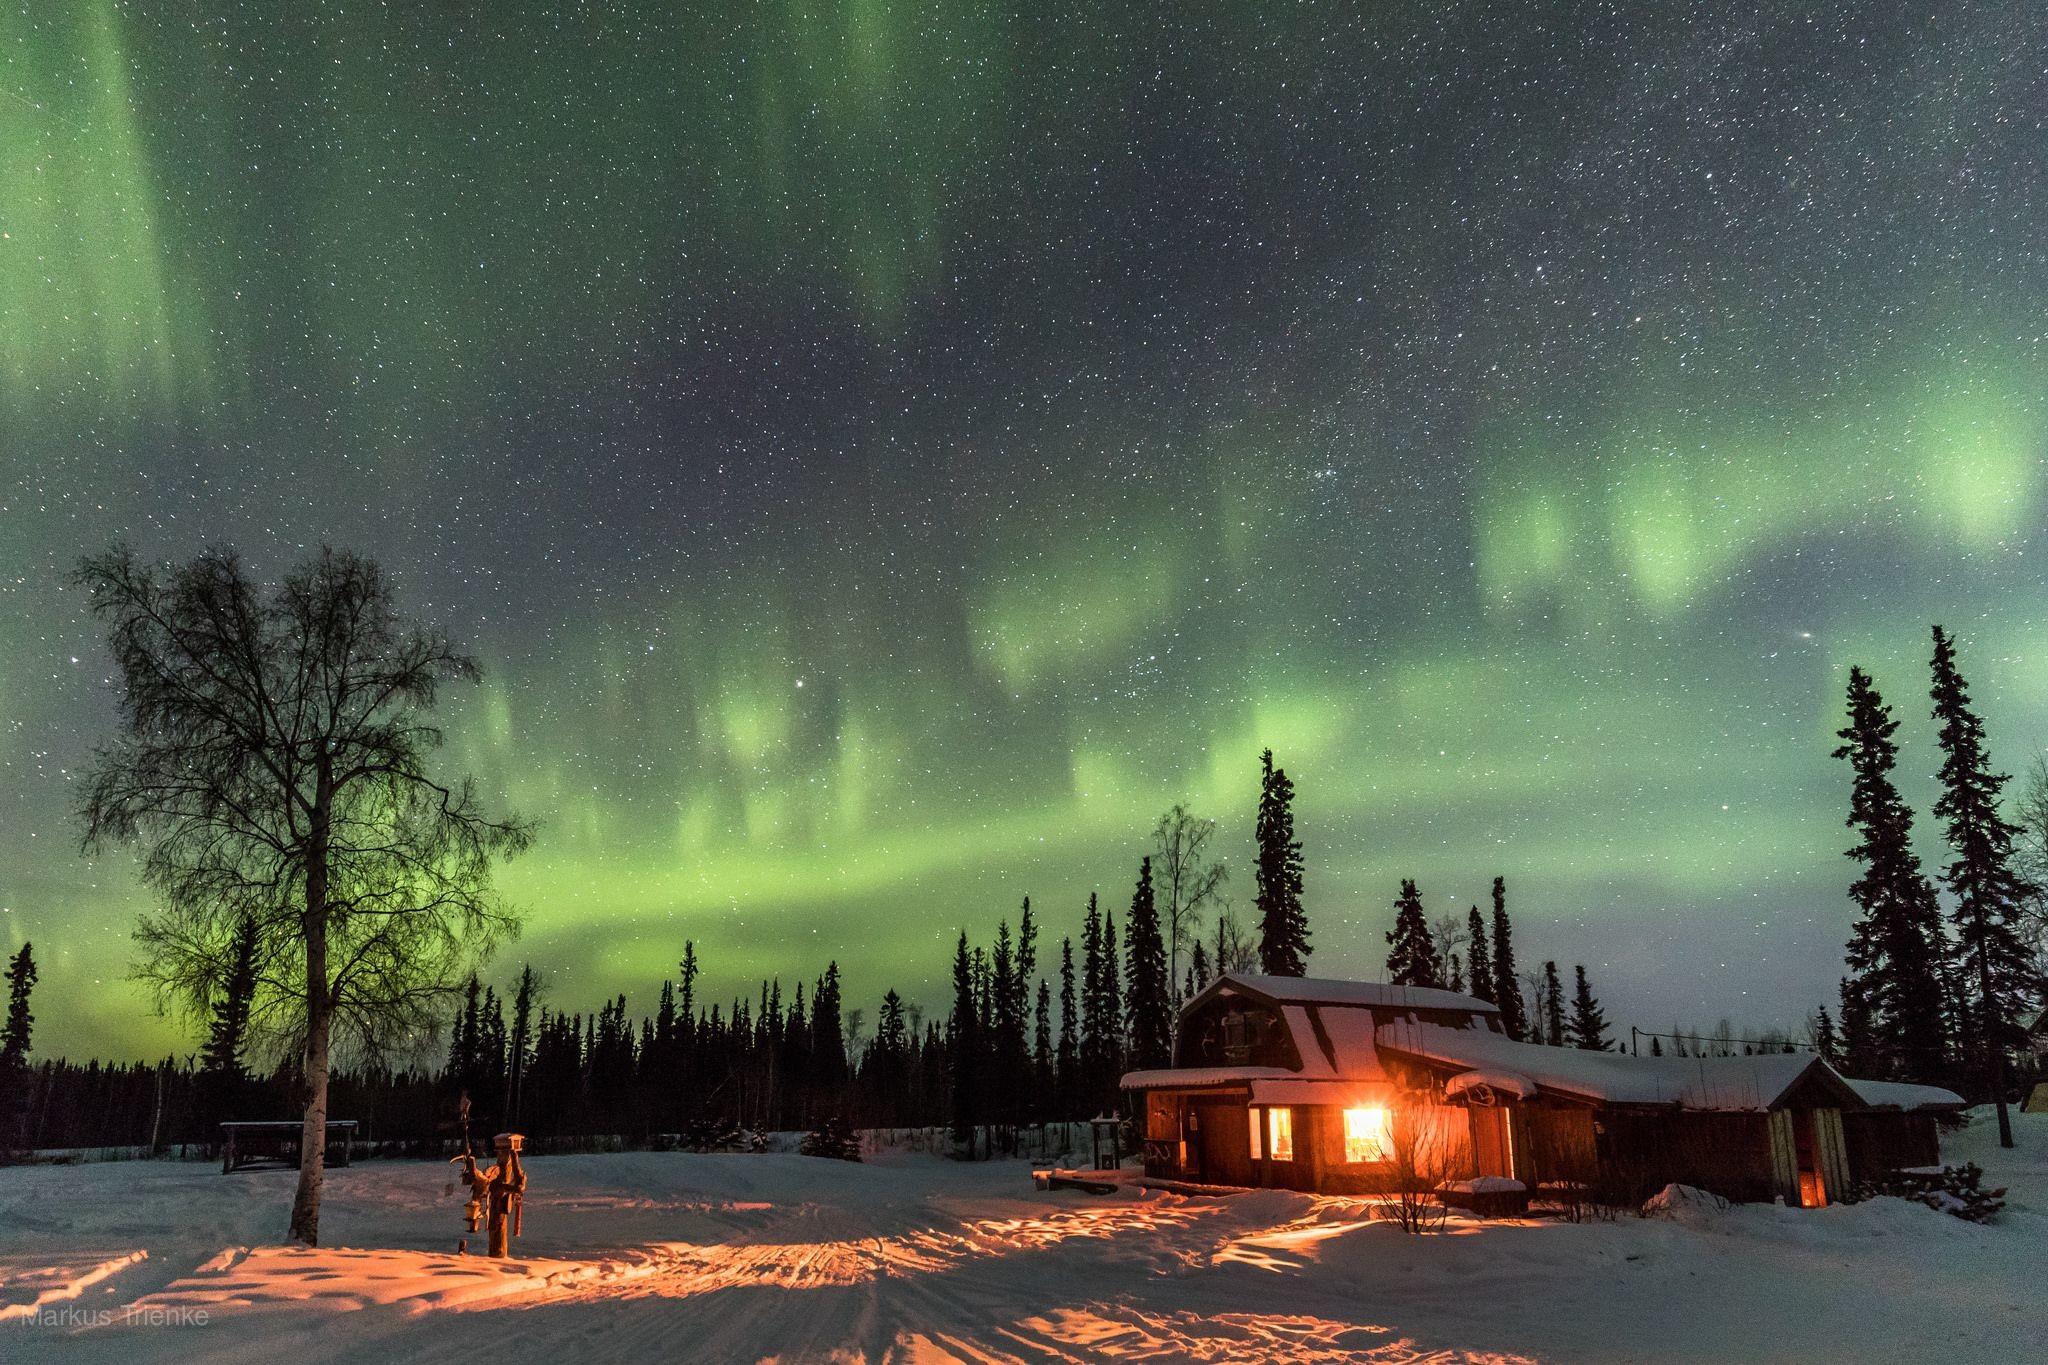 阿拉斯加幸福極光7日-西雅圖直飛極光之城費爾班、極光小屋夜觀極光~在6/15前付訂  第二人扣 5000(限全程)